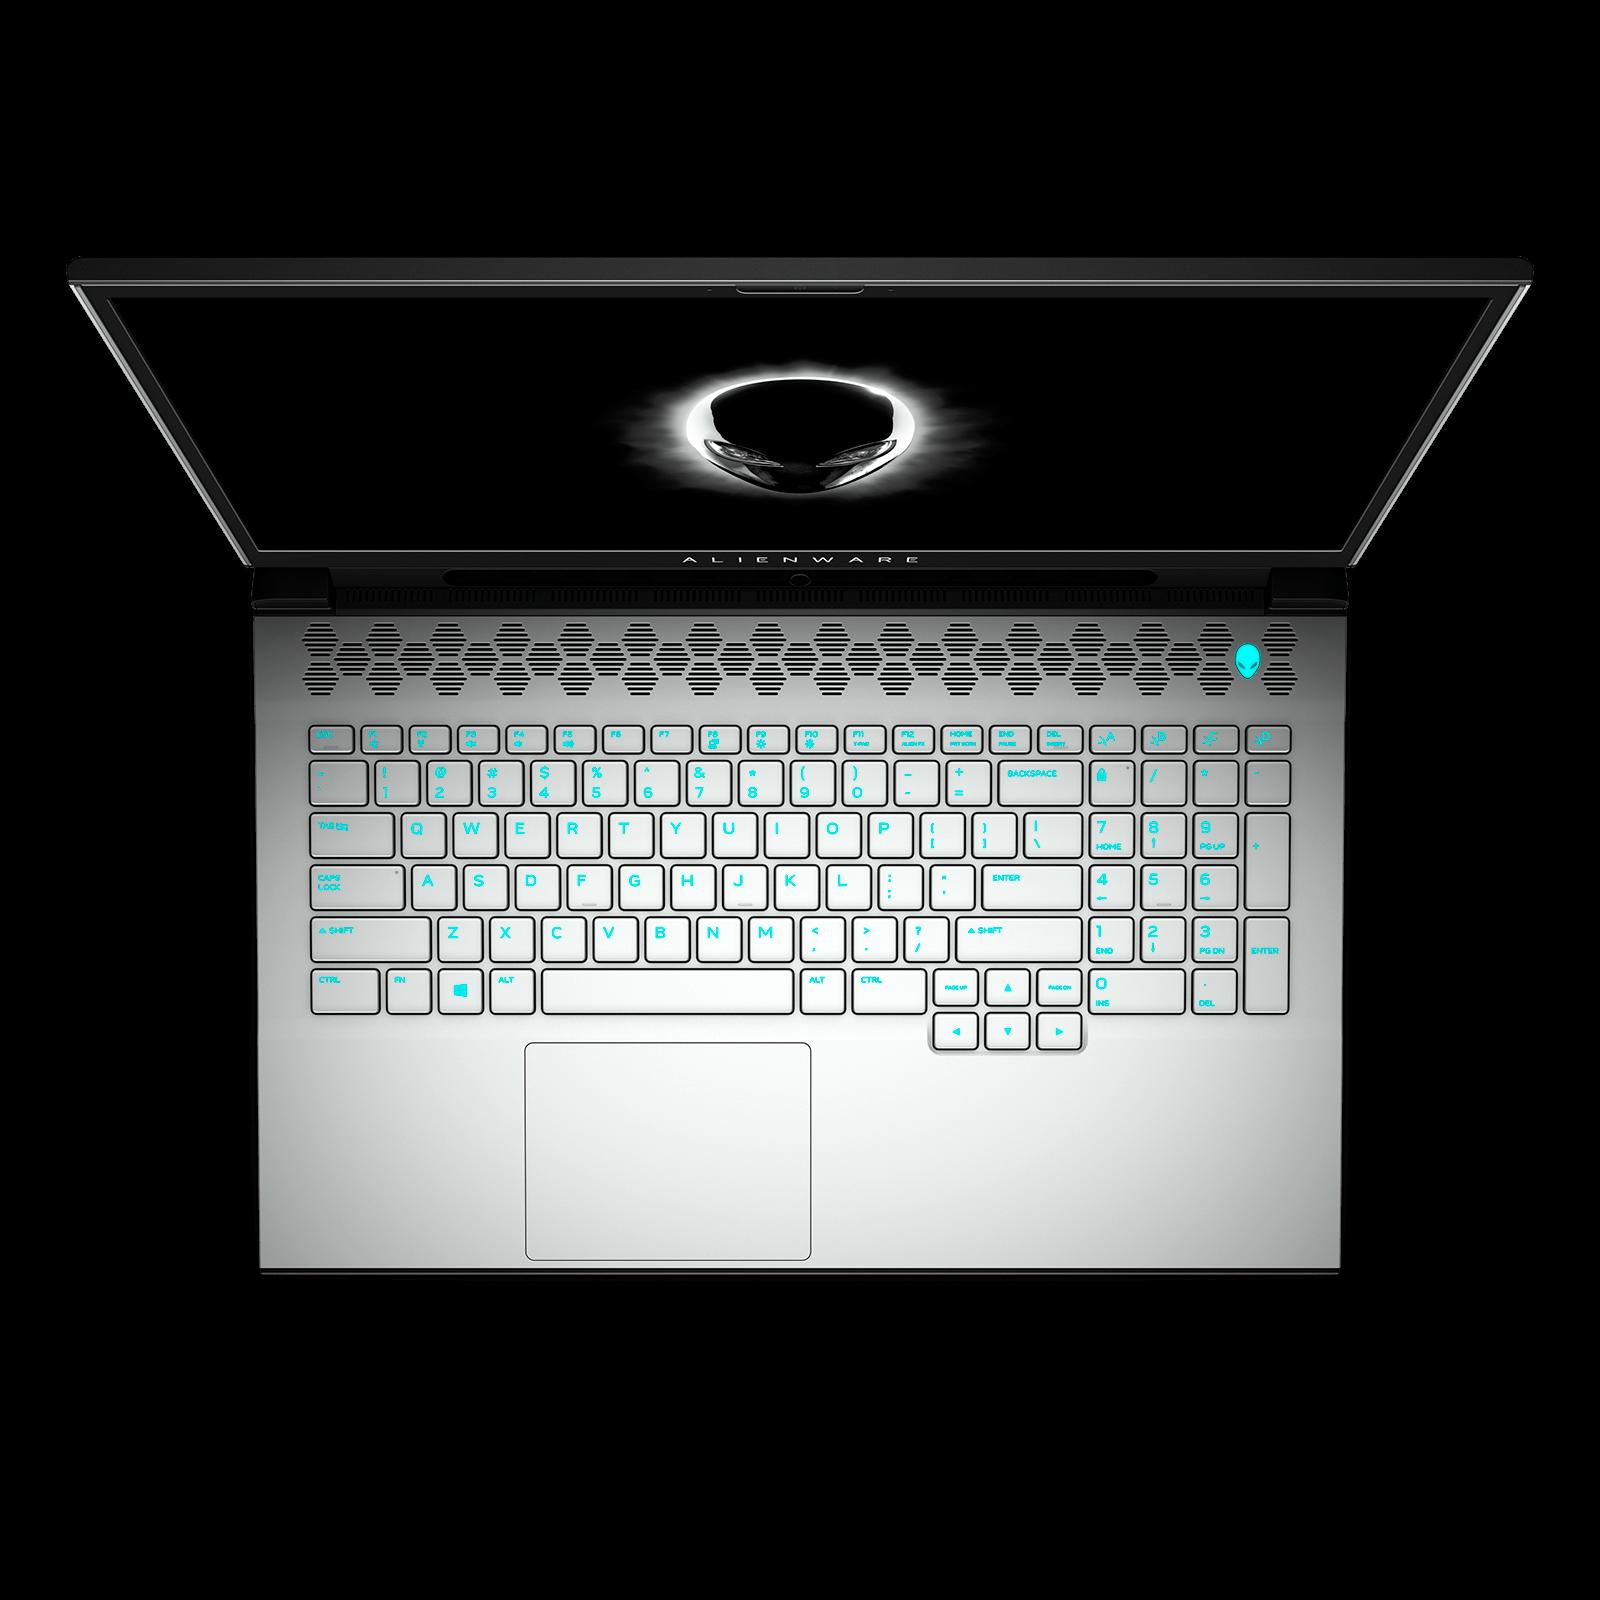 Vista superior del teclado del Alienware m17 R4